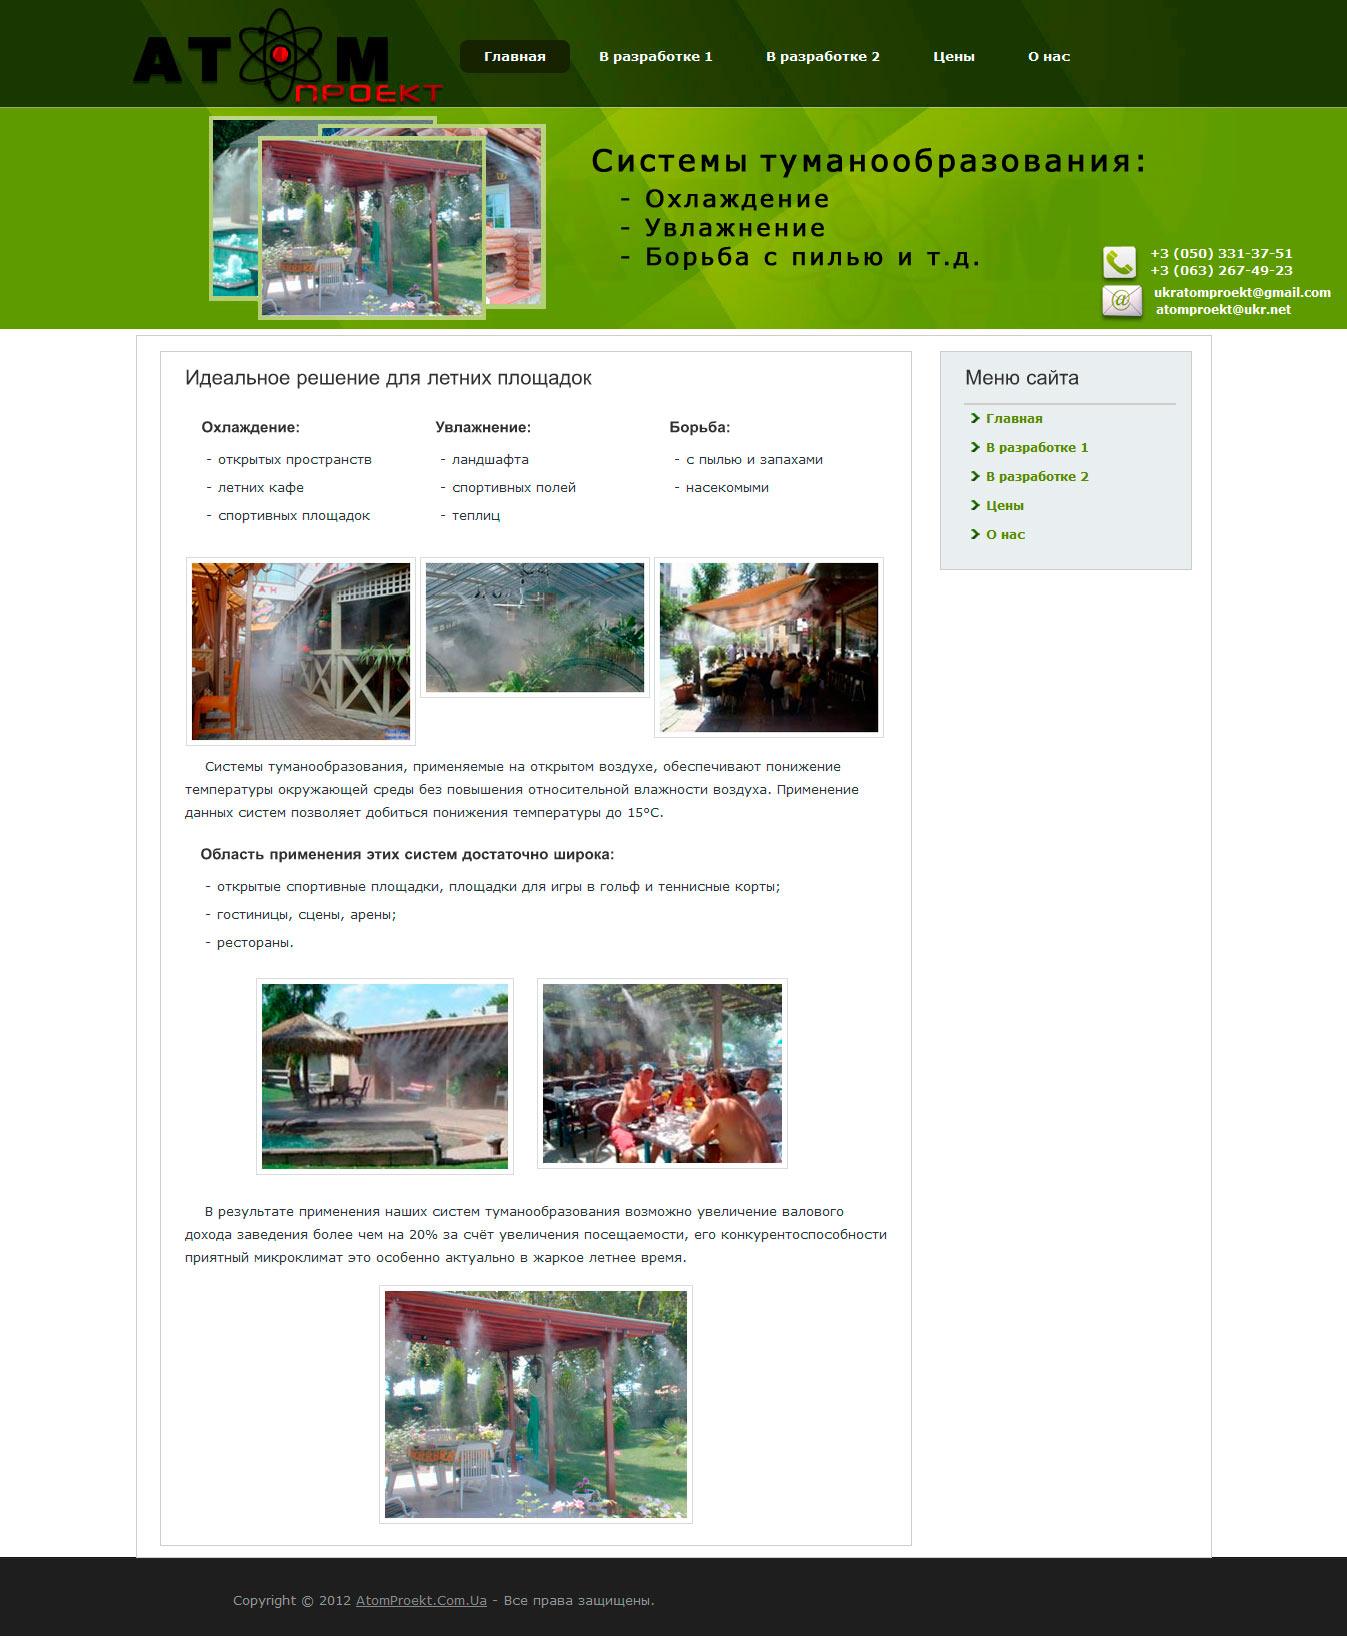 Сайт визитка компании Атом Проект